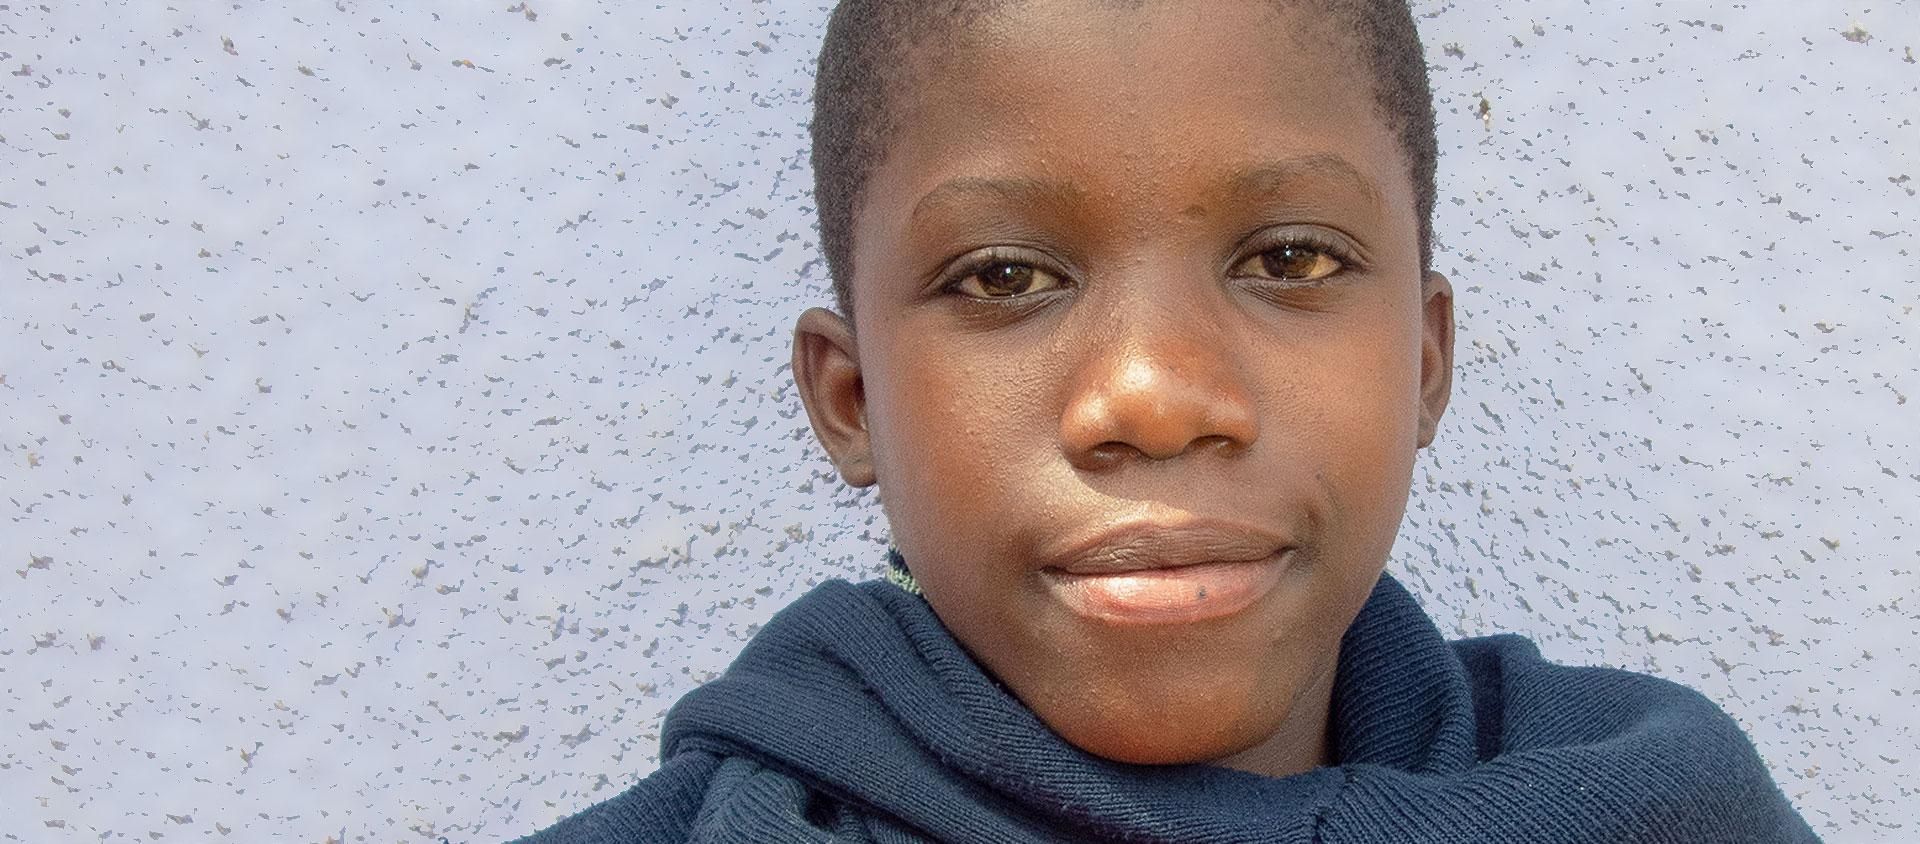 Julianah är 13 år och bor i Uganda. Hon vill stoppa barnarbete.